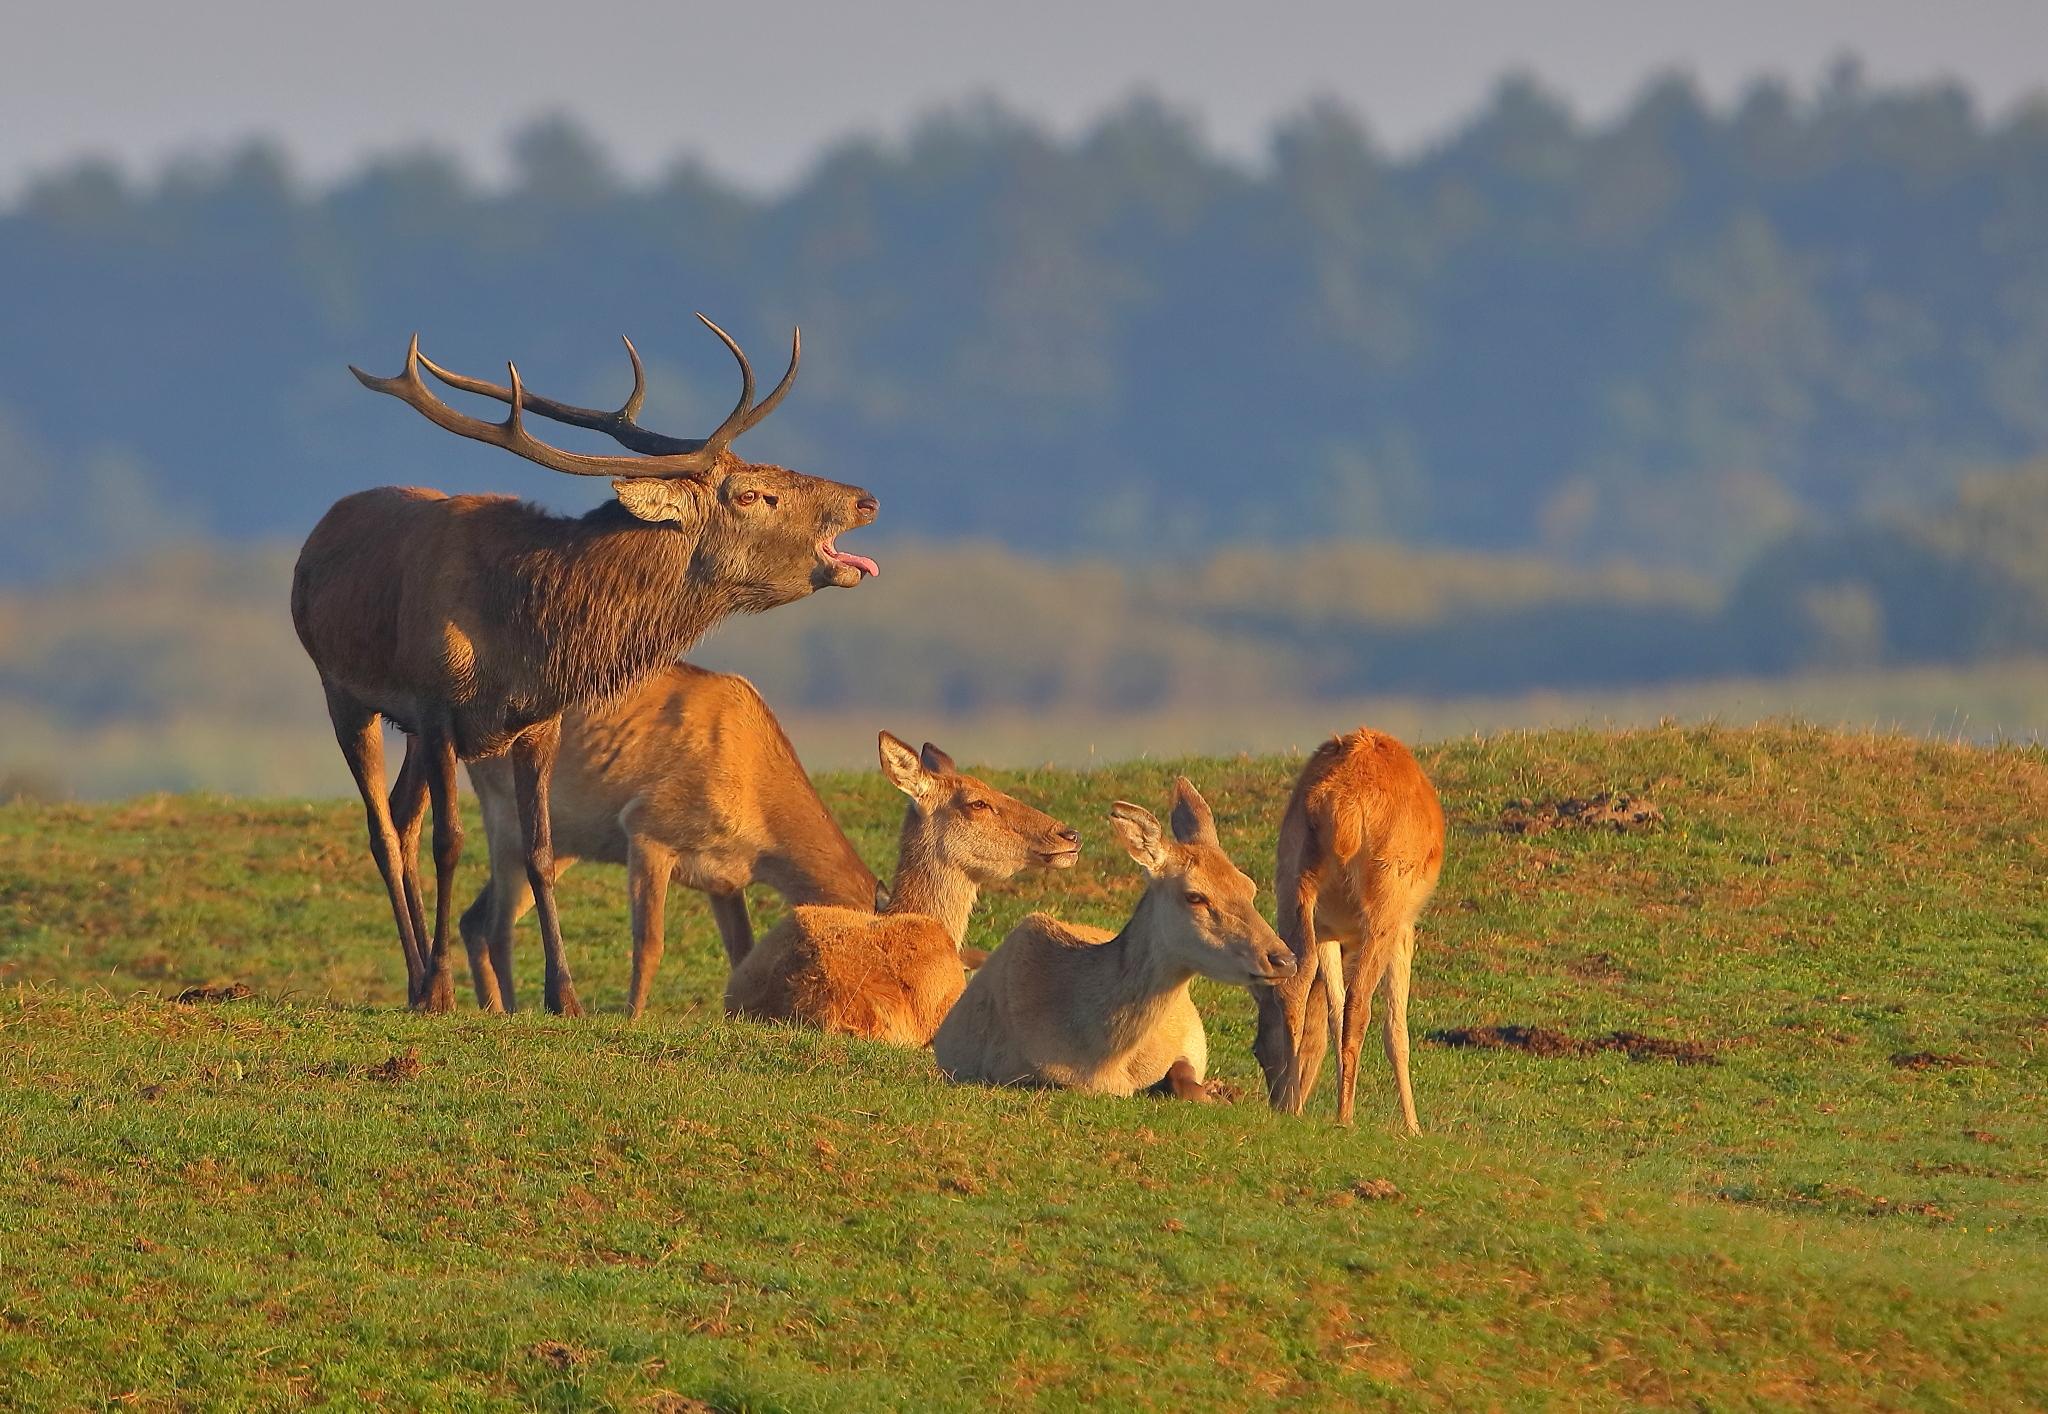 Naturstyrelsen har udnævnt The Big Five blandt dyr i Danmark, herunder kronhjorten, der kan ses ved Oksbøl Krondyrreservat. Rejsebureau med speciale i safarirejser har rundtur i Danmark for at se dyrene. Foto Jan Tandrup Petersen via Safari And Beyond.